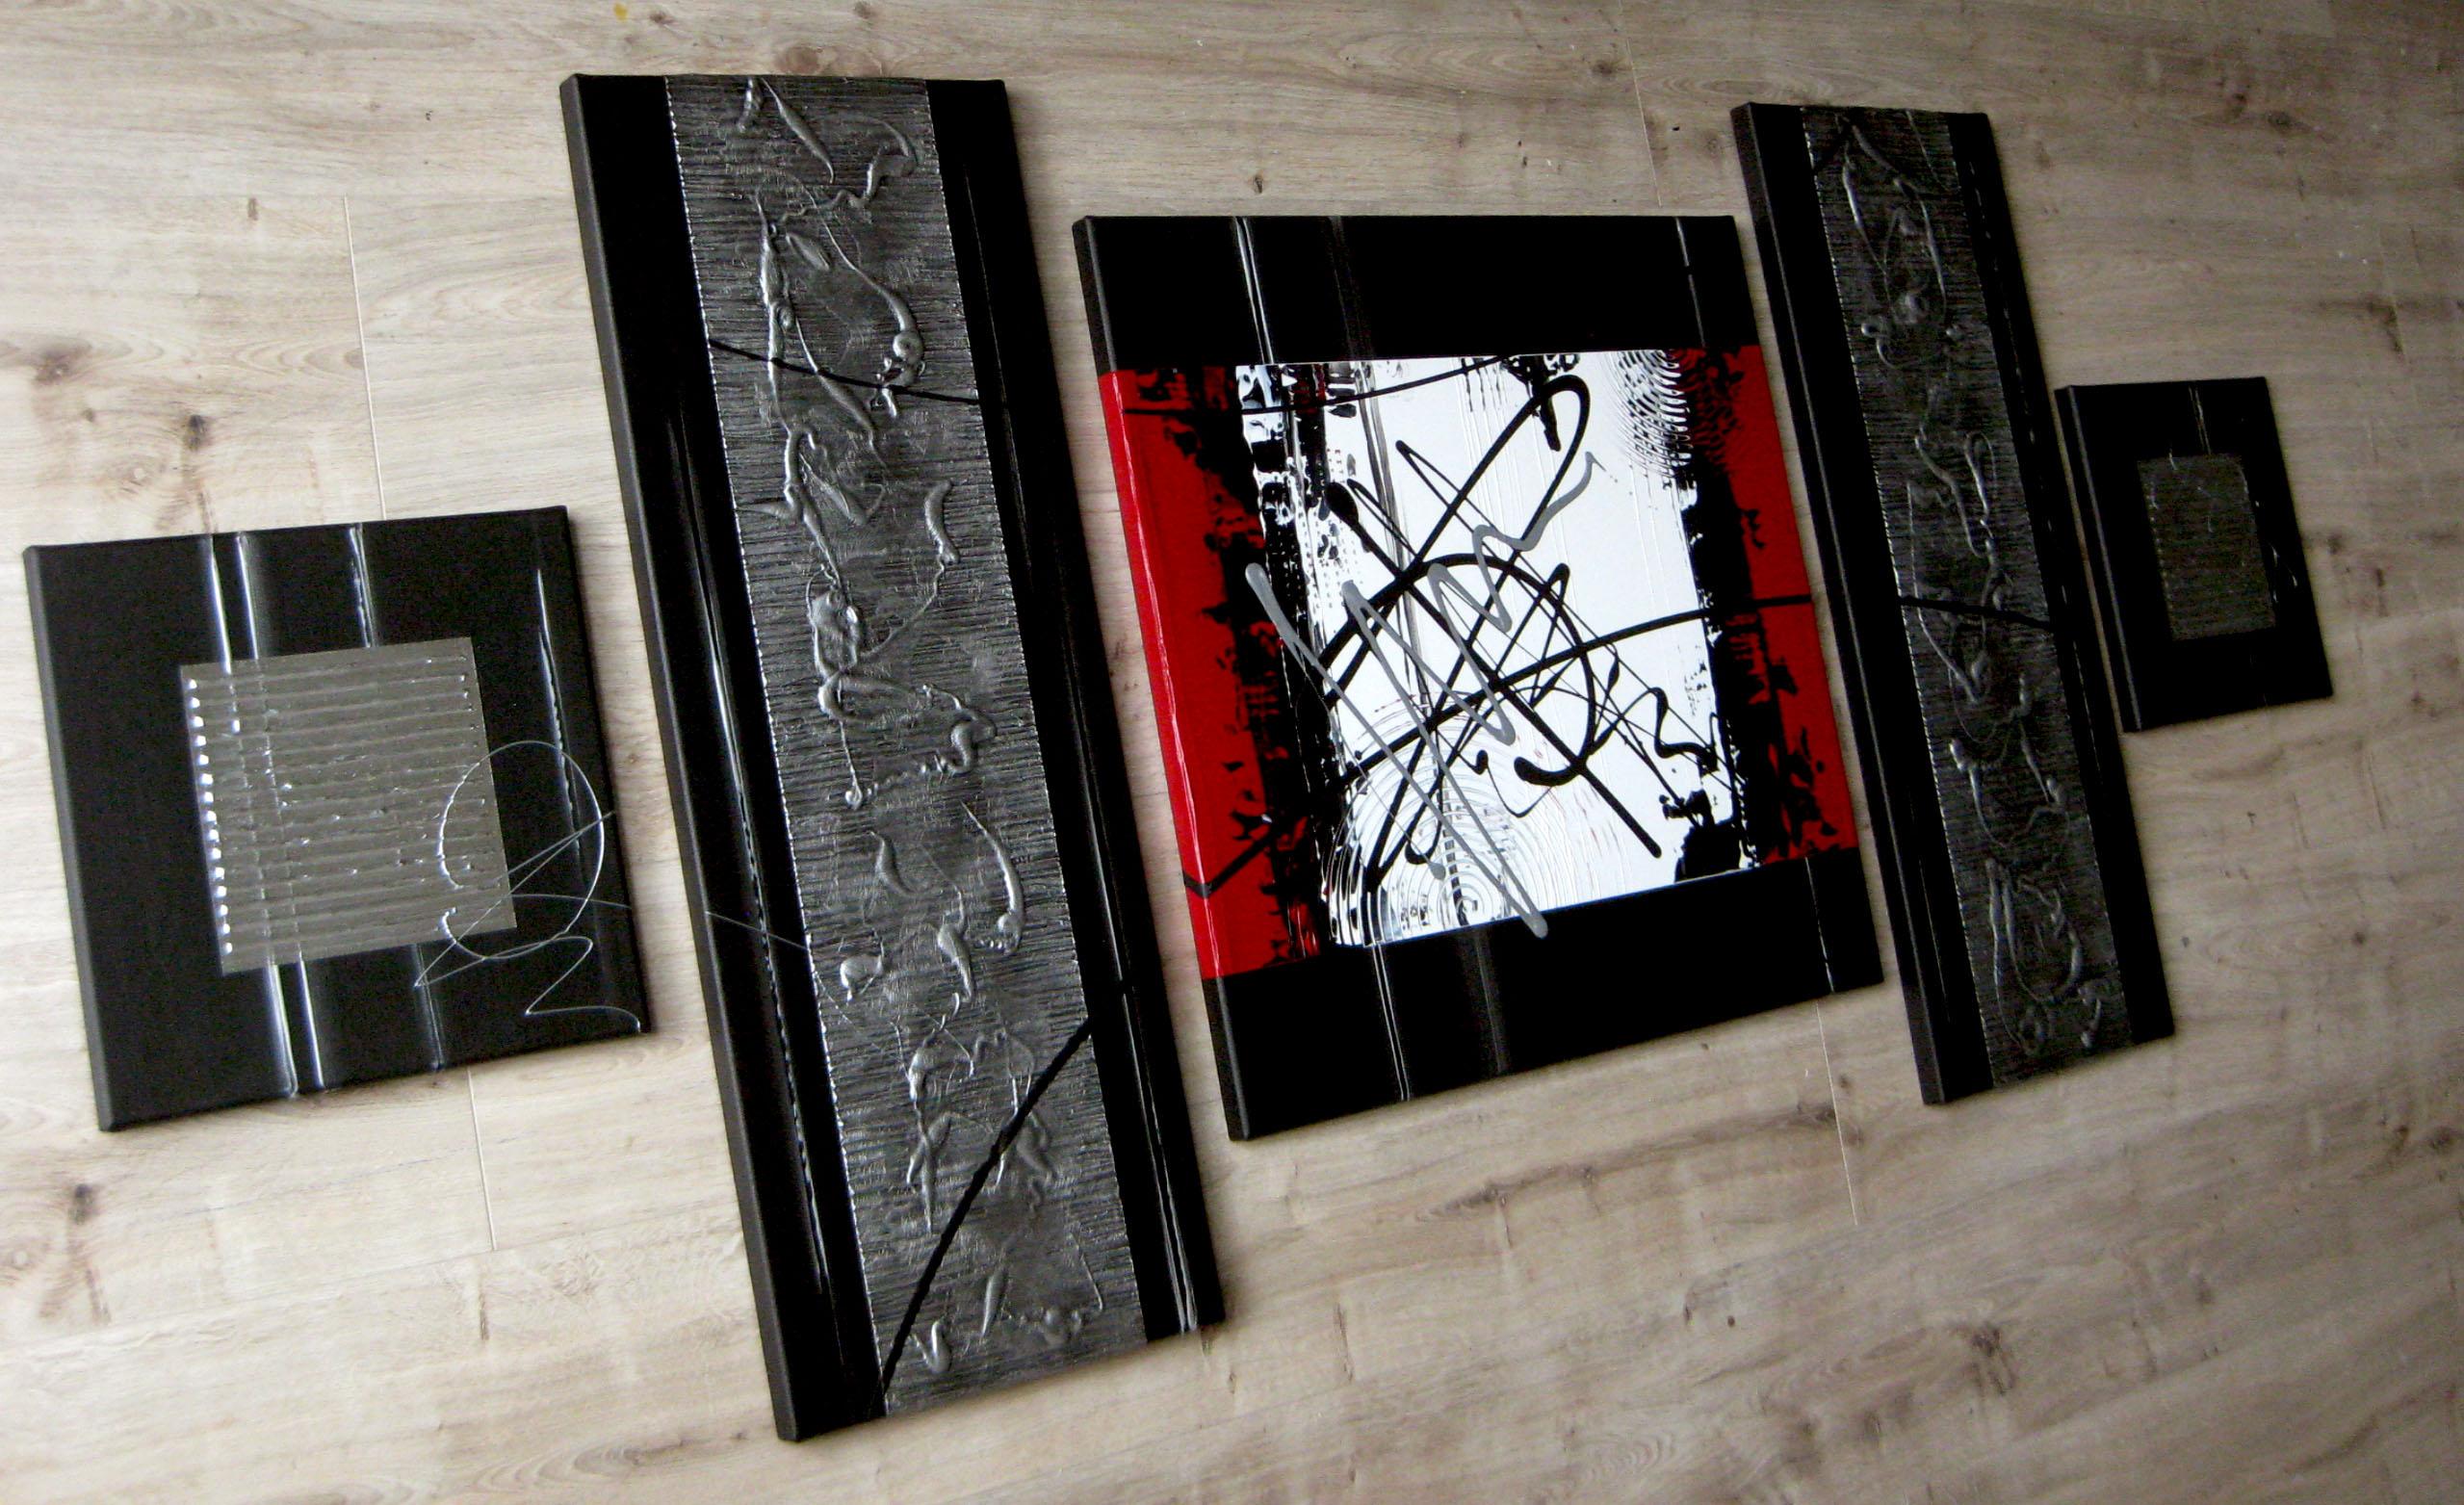 ikea bilderrahmen mehrere bilder bilderrahmen ideen. Black Bedroom Furniture Sets. Home Design Ideas